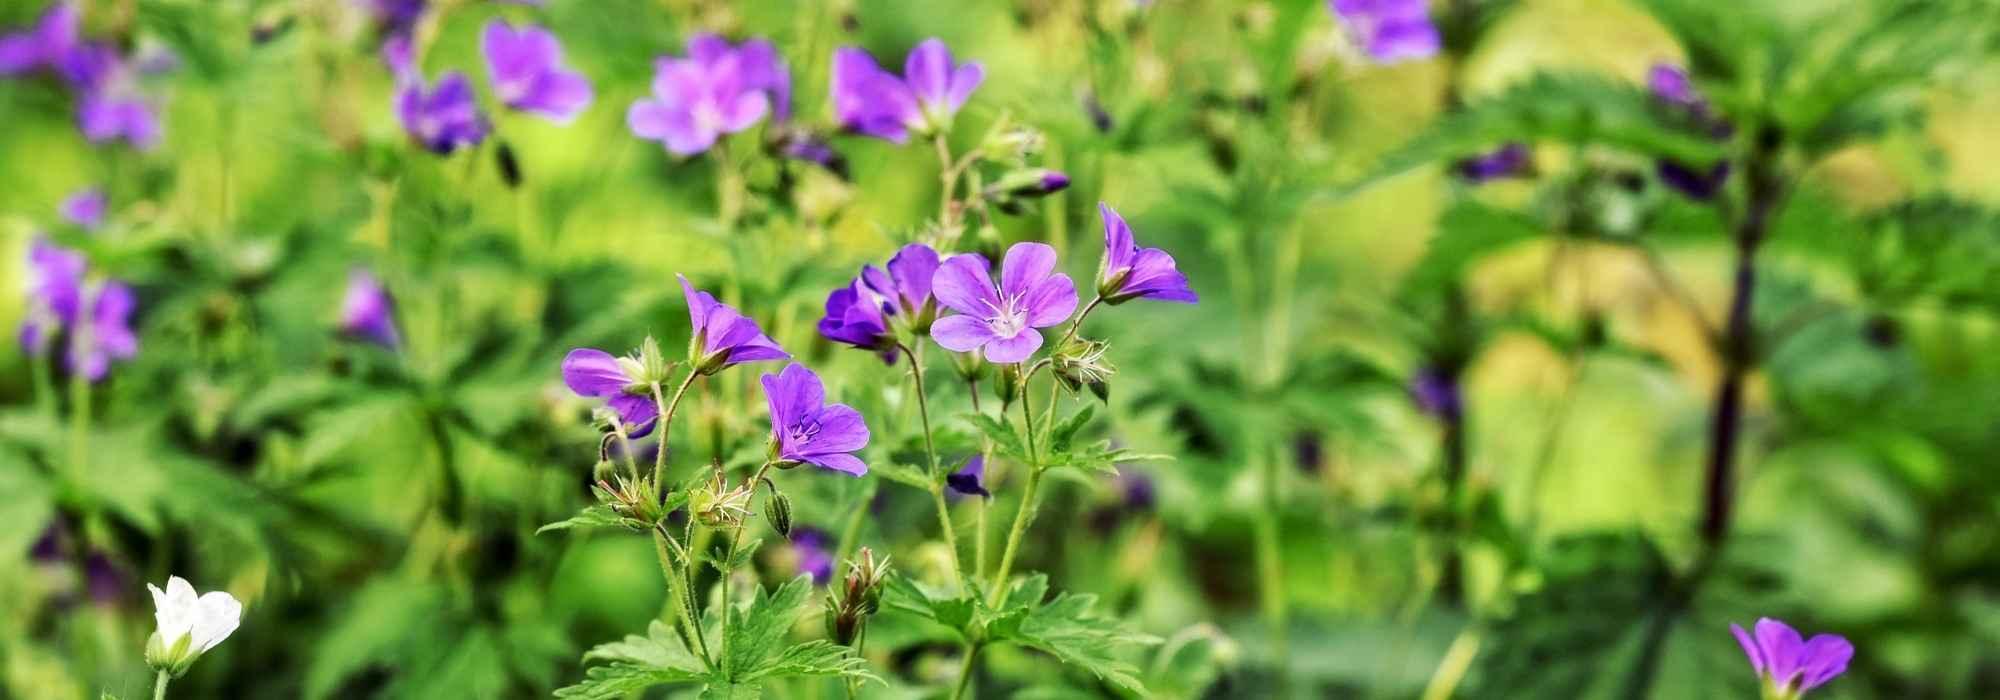 Graines De Fleurs Qui Poussent Très Vite 10 plantes vivaces qui poussent vite pour un effet immédiat